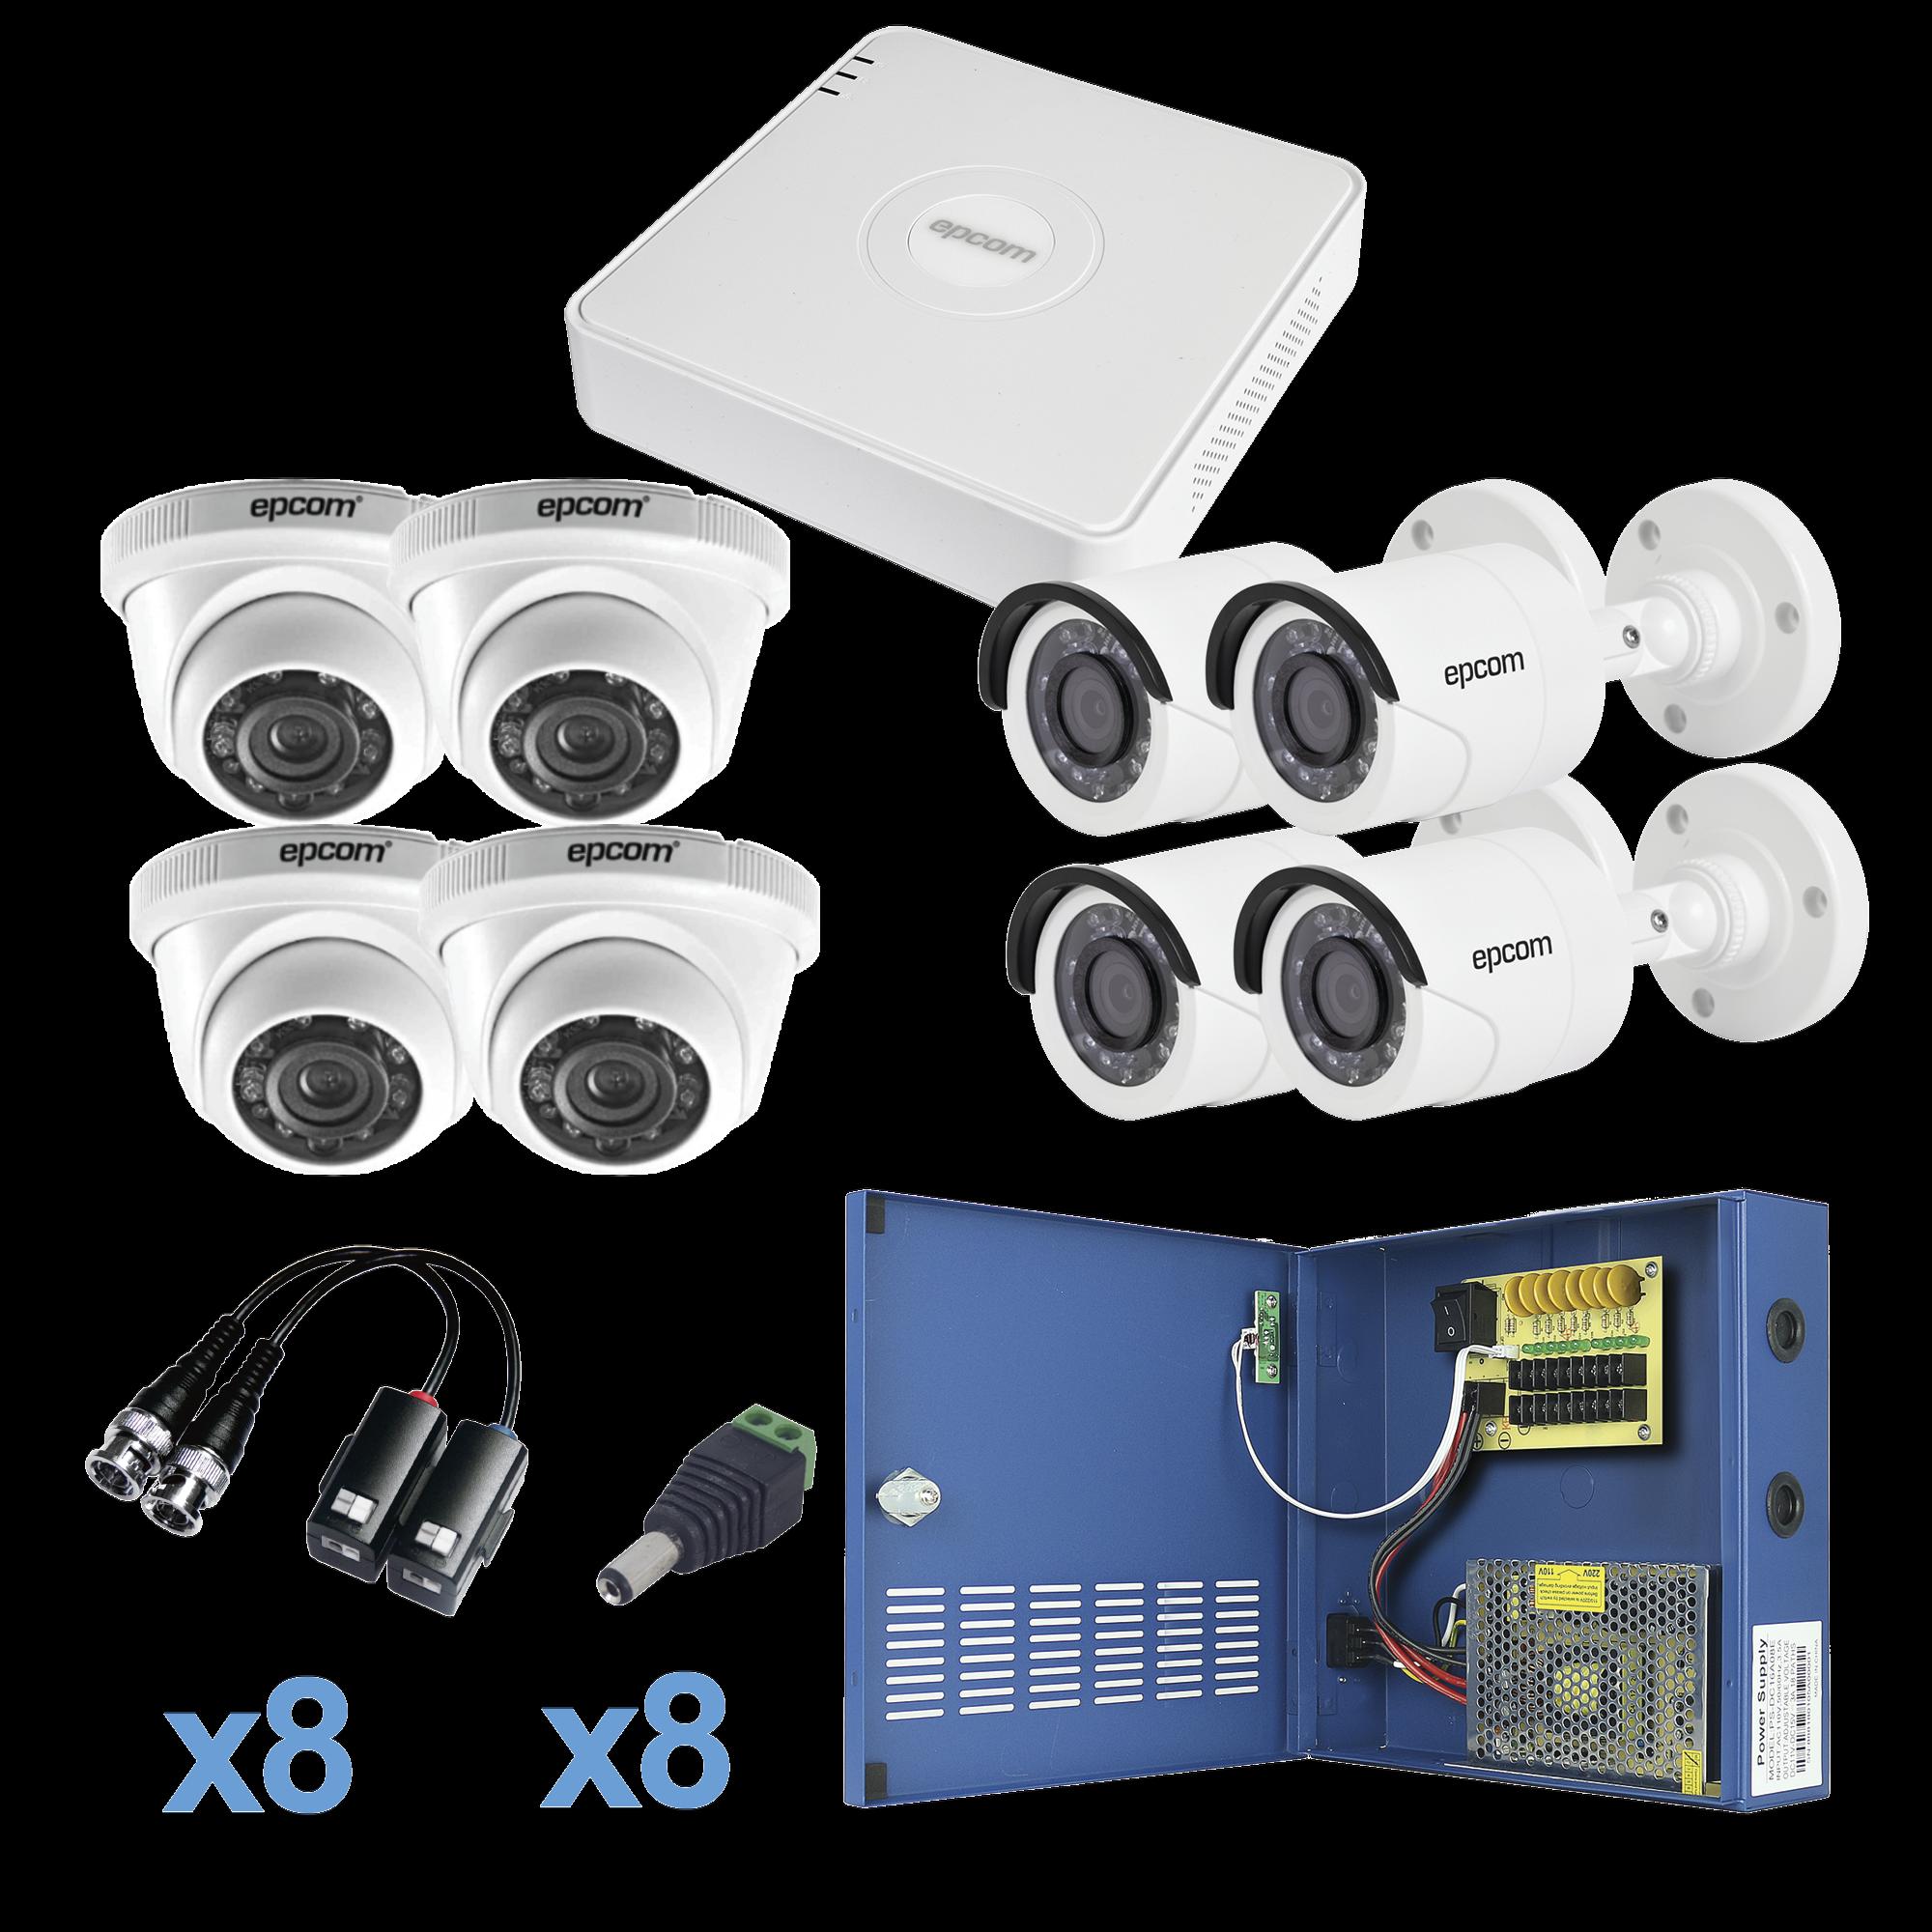 Sistema TURBO HD720p / DVR 8 Ch / 4 Cámaras Bullet ( exterior 3.6 mm ) / 4 Cámaras Eyeball (interior 3.6mm ) / Transceptores / Conectores / Fuente de Poder Profesional